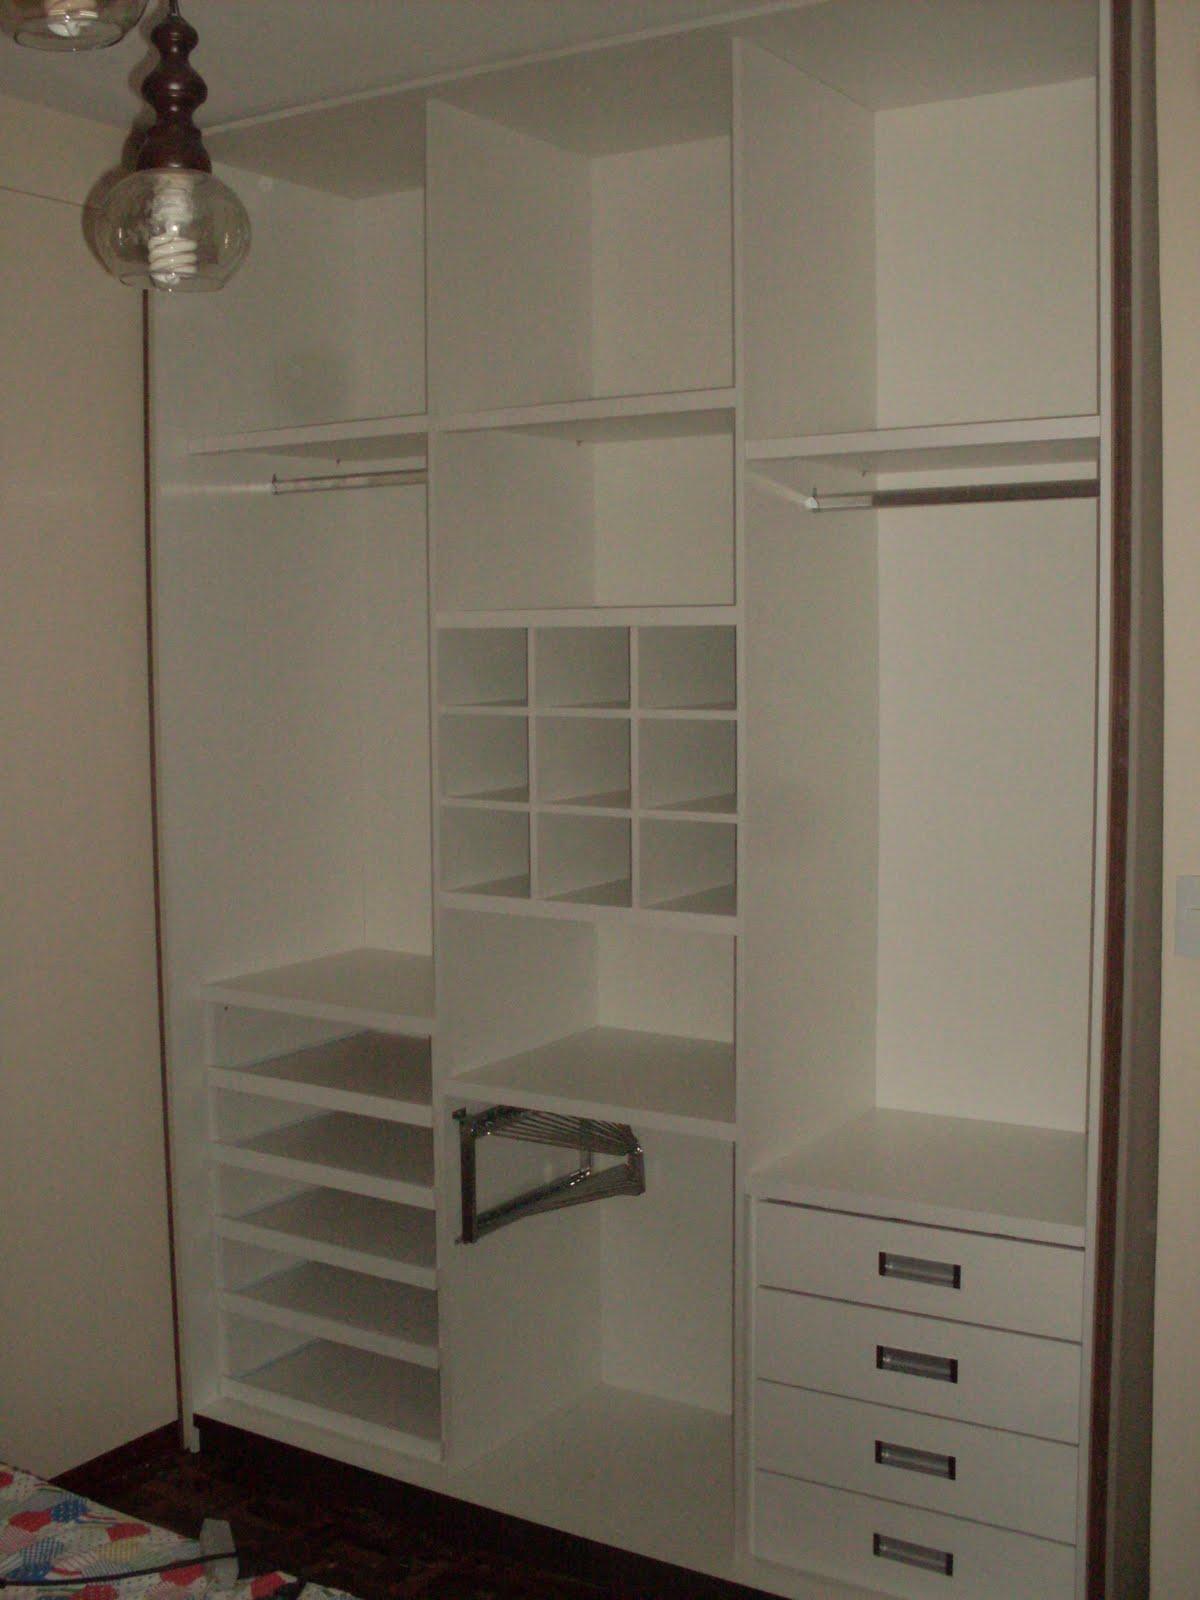 Se7e Móveis Design: Dormitórios #352B24 1200 1600